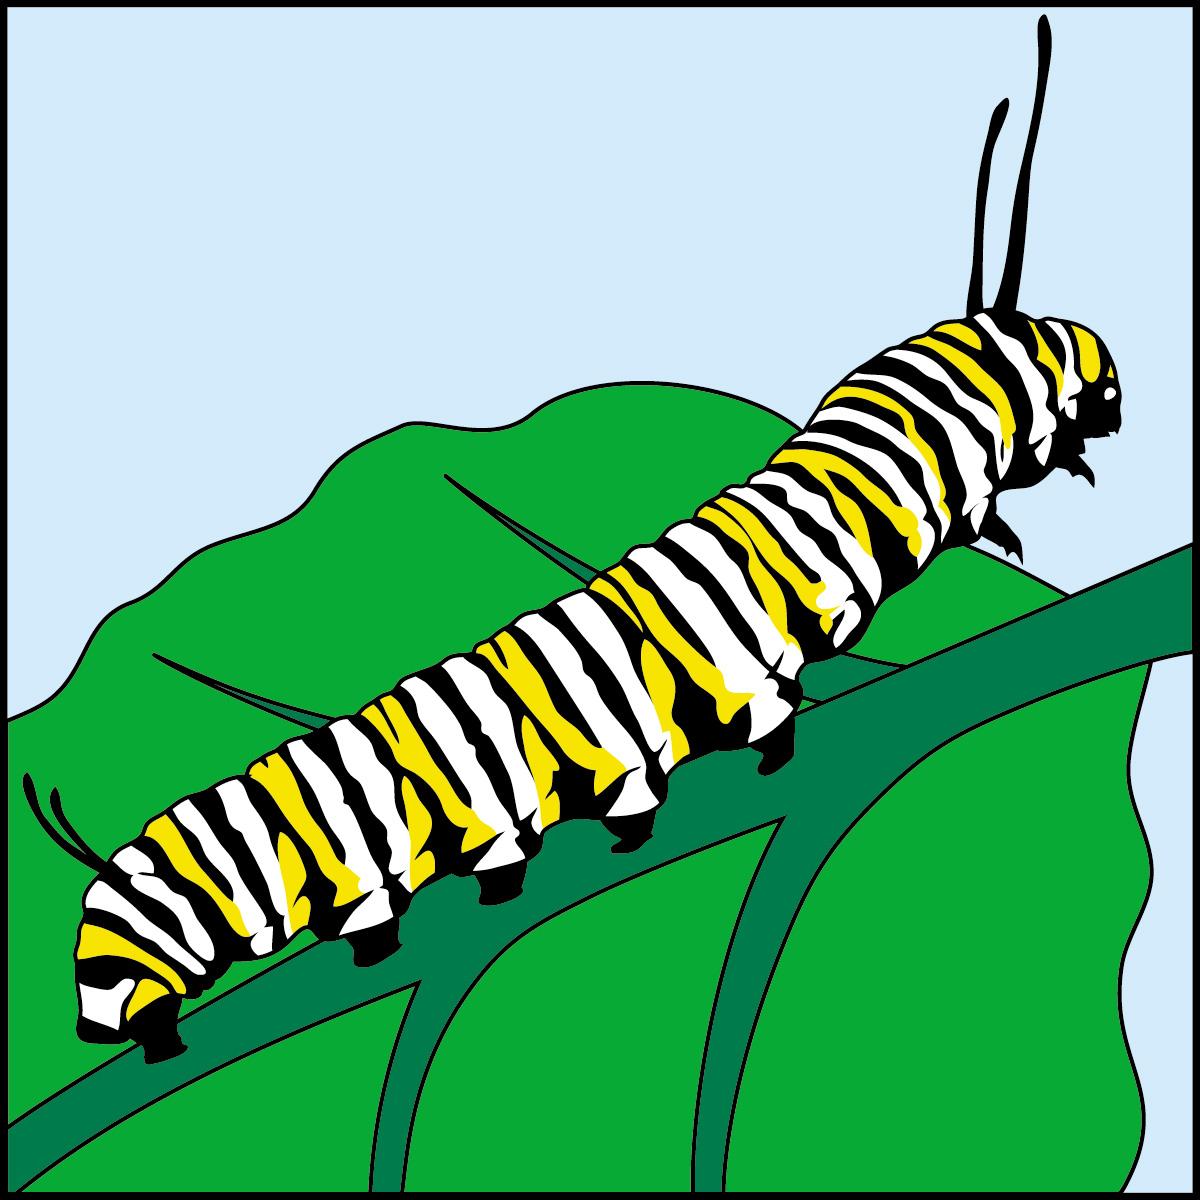 hight resolution of 1200x1200 caterpillar clipart monarch caterpillar